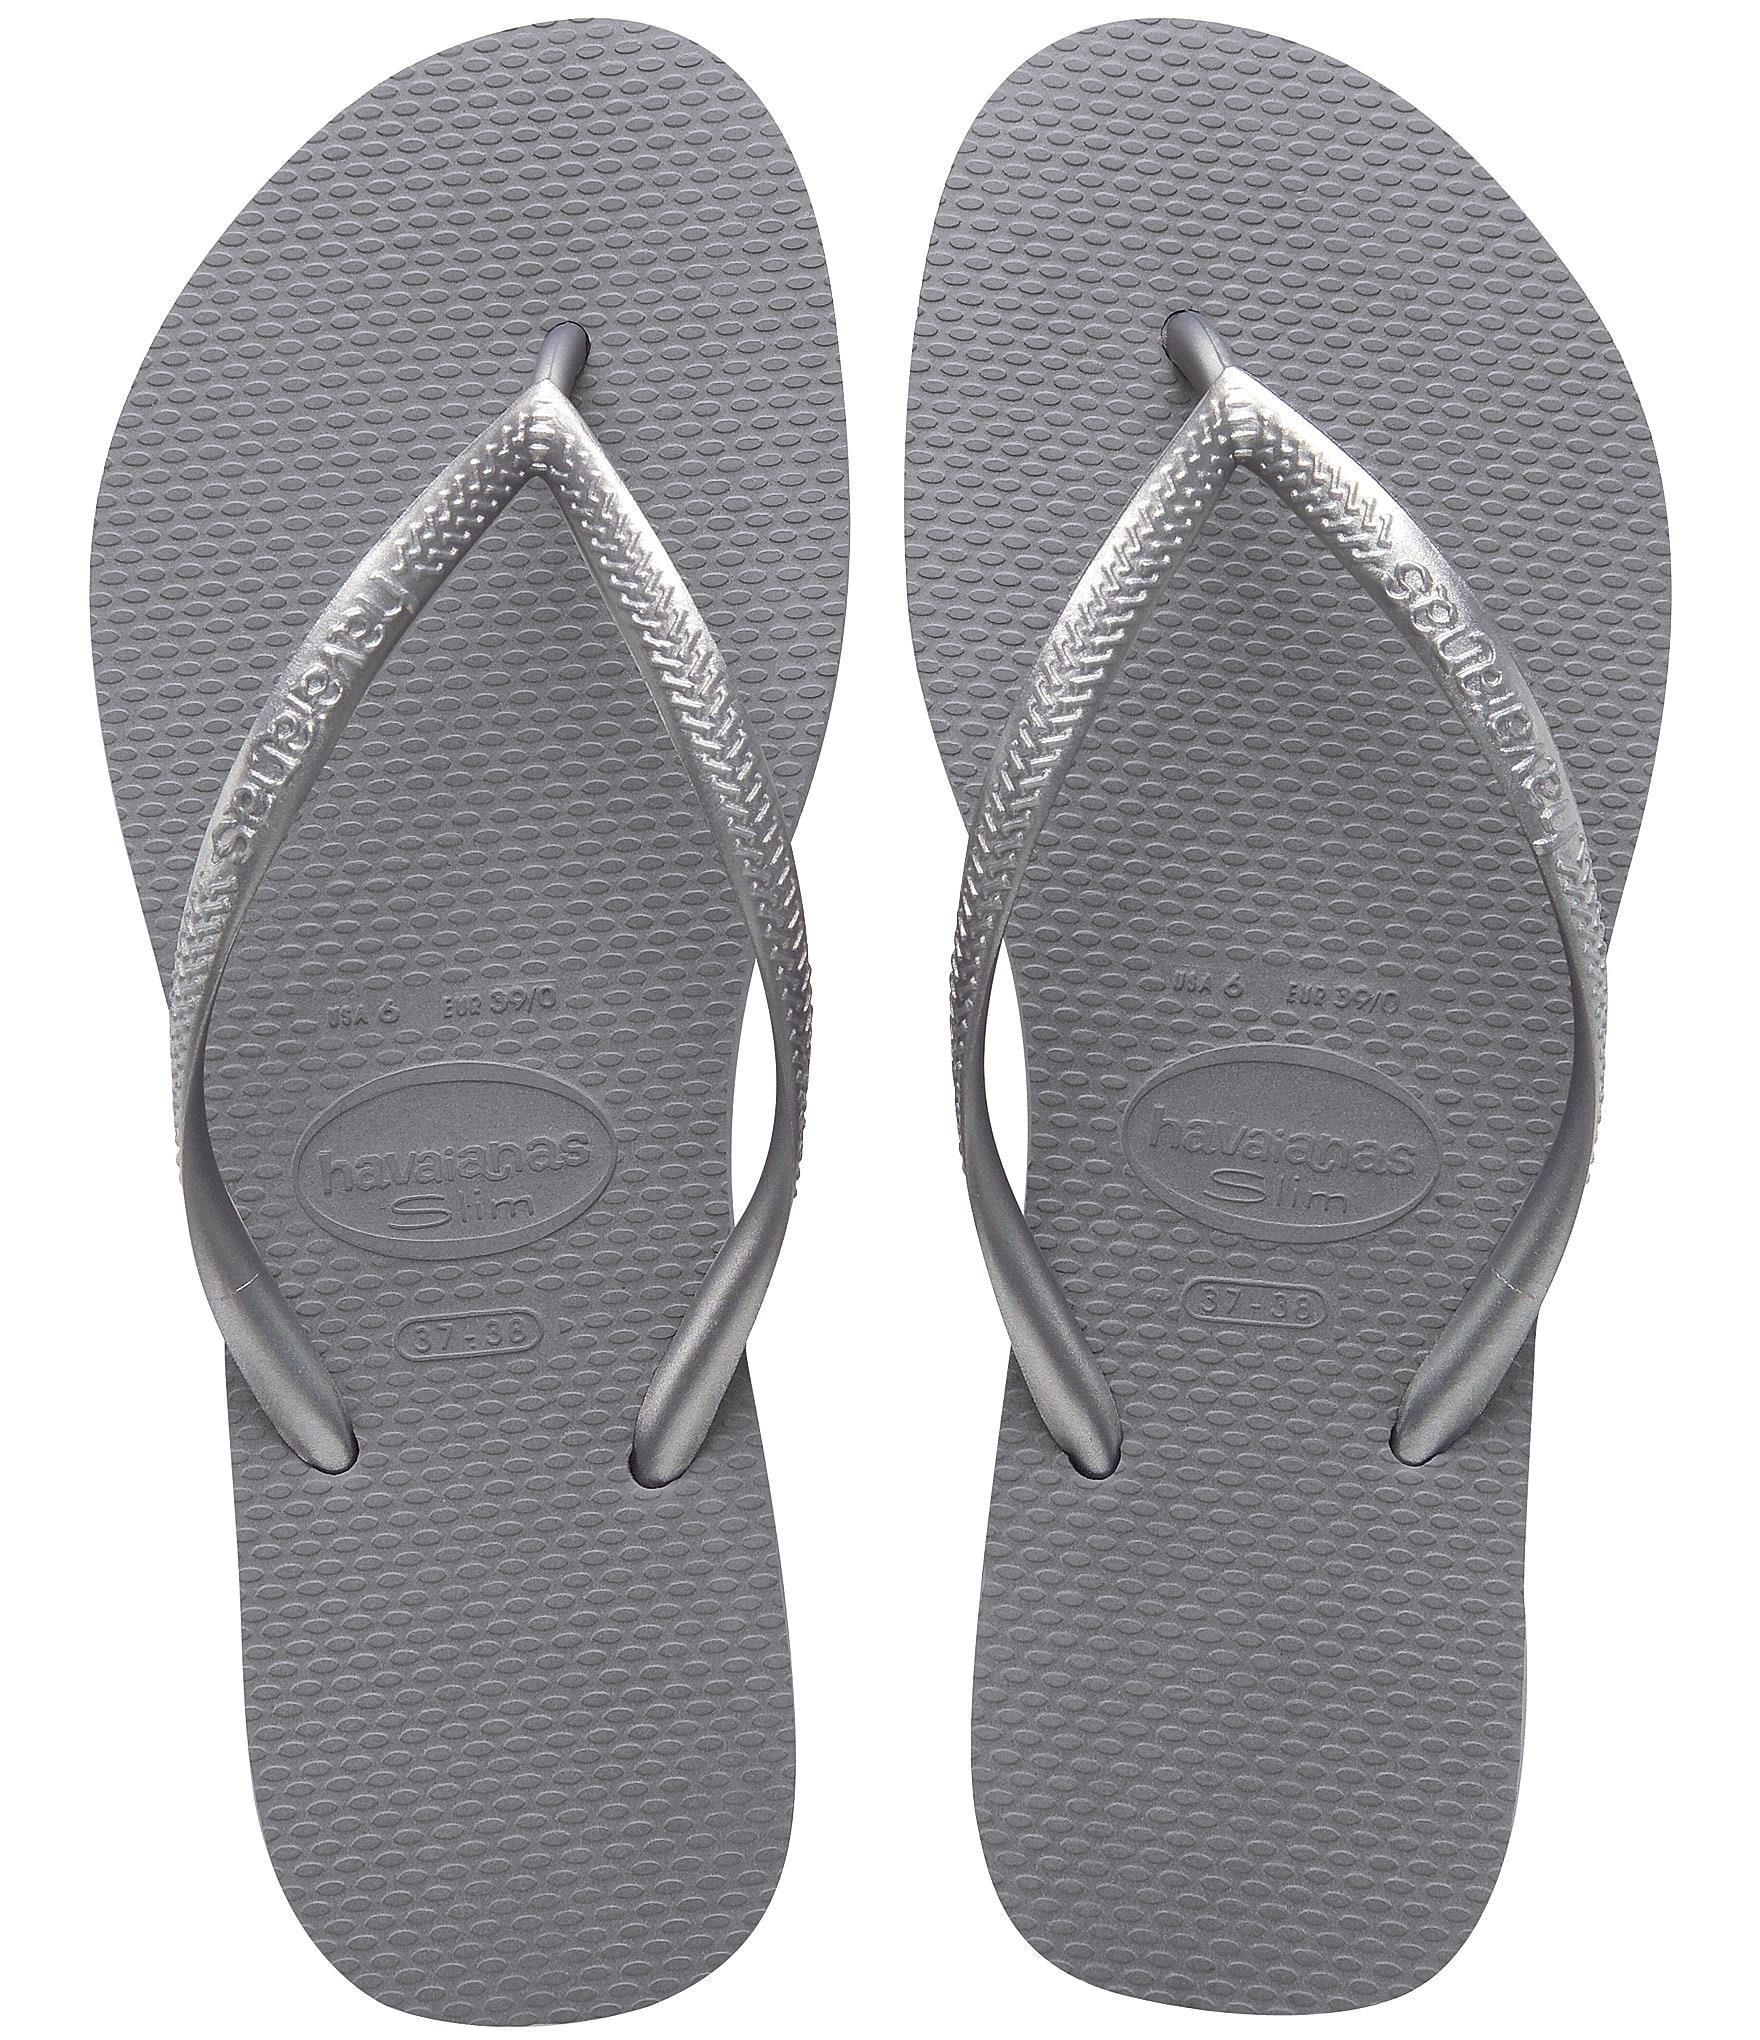 e590984a4 Havaianas Slim Flip Flops